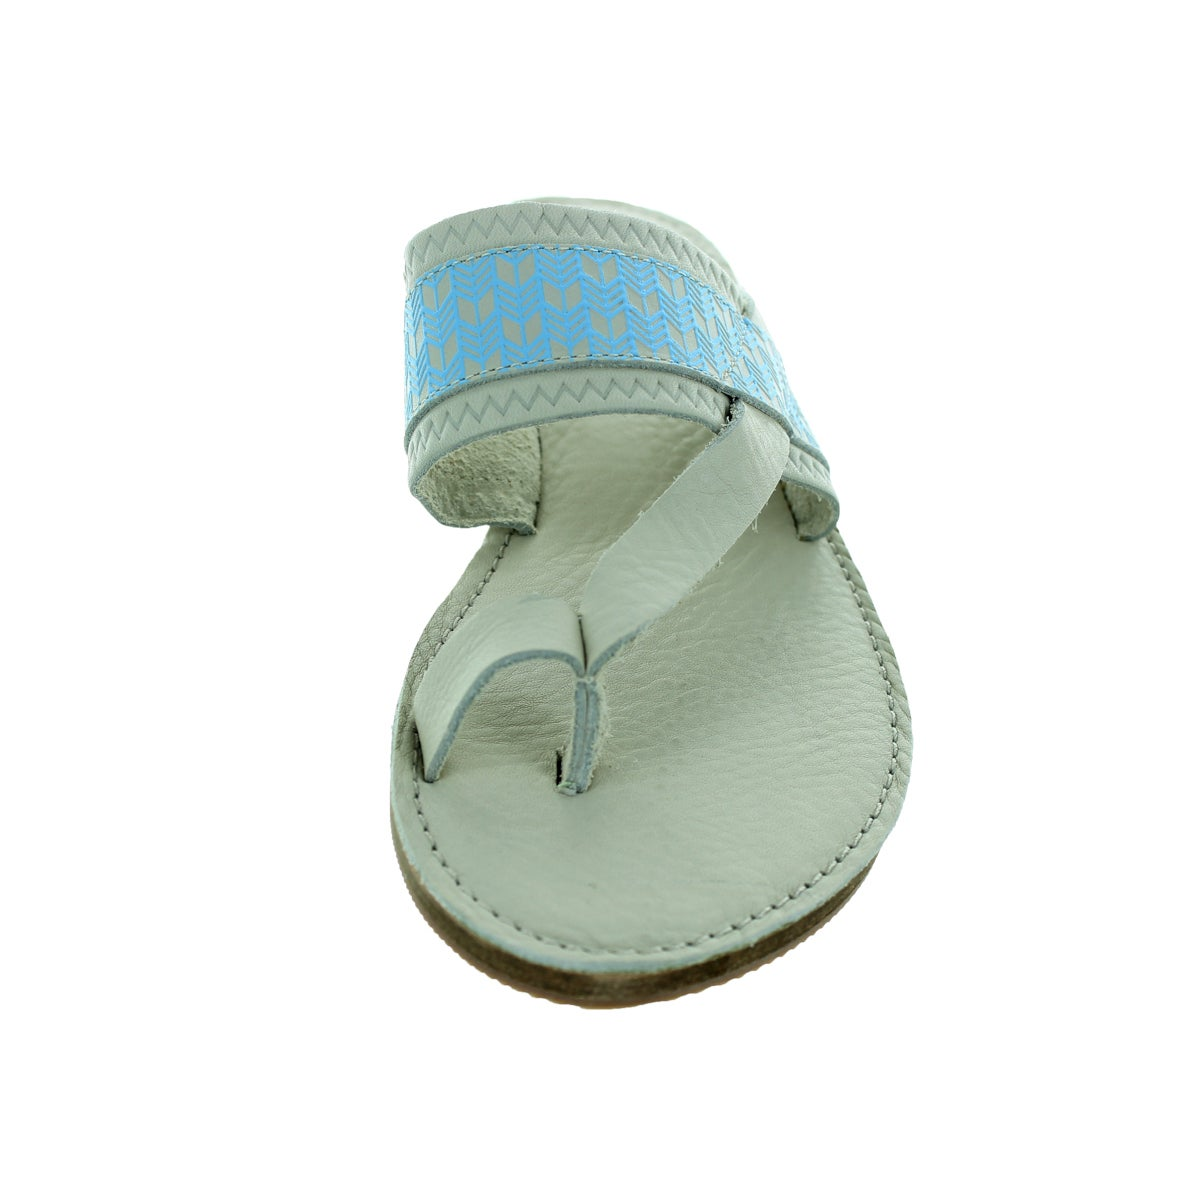 2064af9bbc8 Shop Toms Women s Isabela Flip Flop Dove Blue Sandal - Free Shipping Today  - Overstock - 12322097